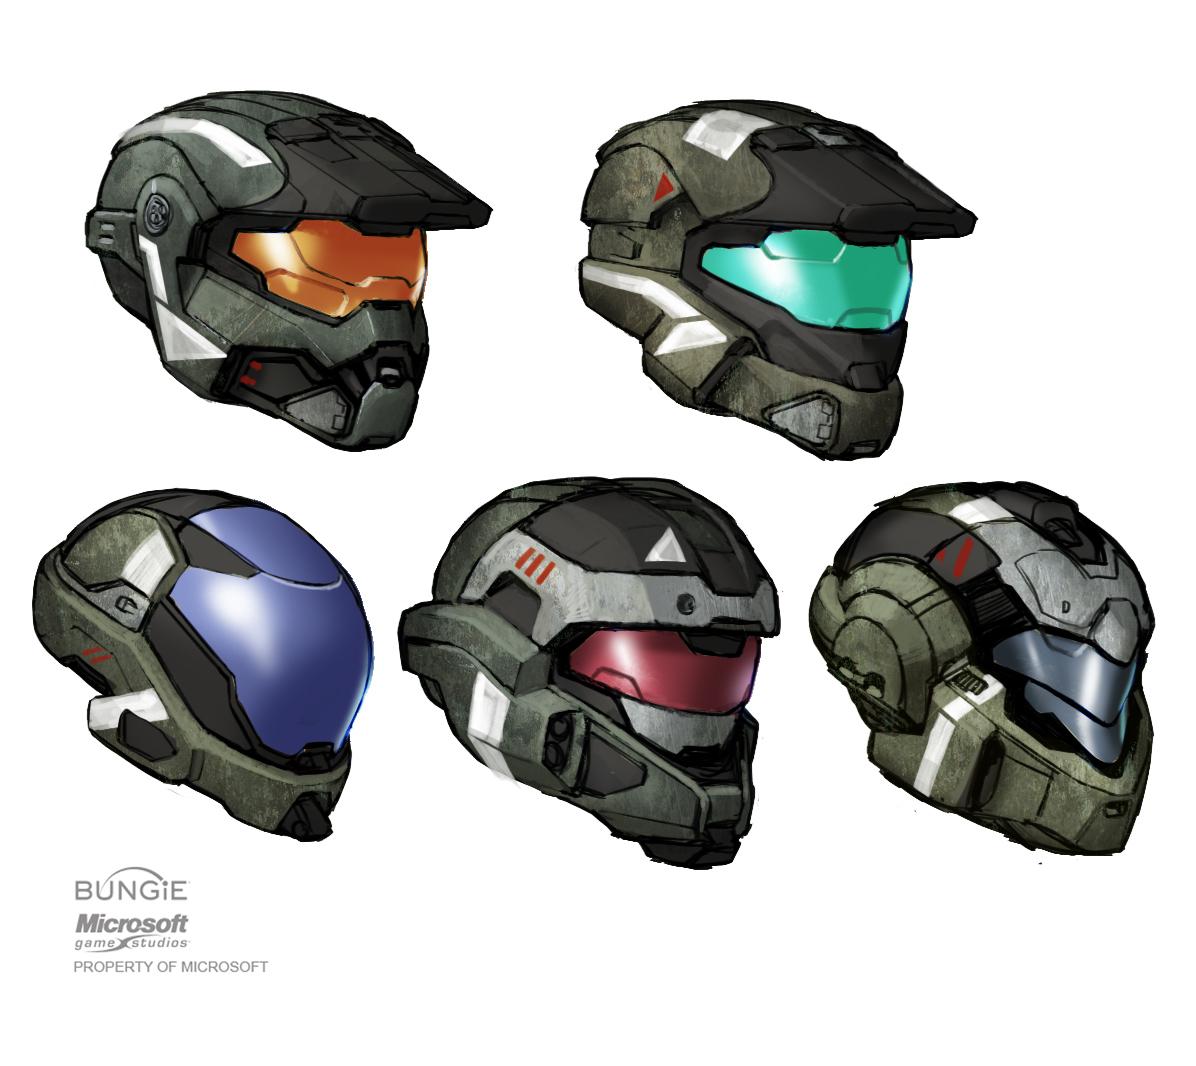 ih_more_helmets01b.jpg